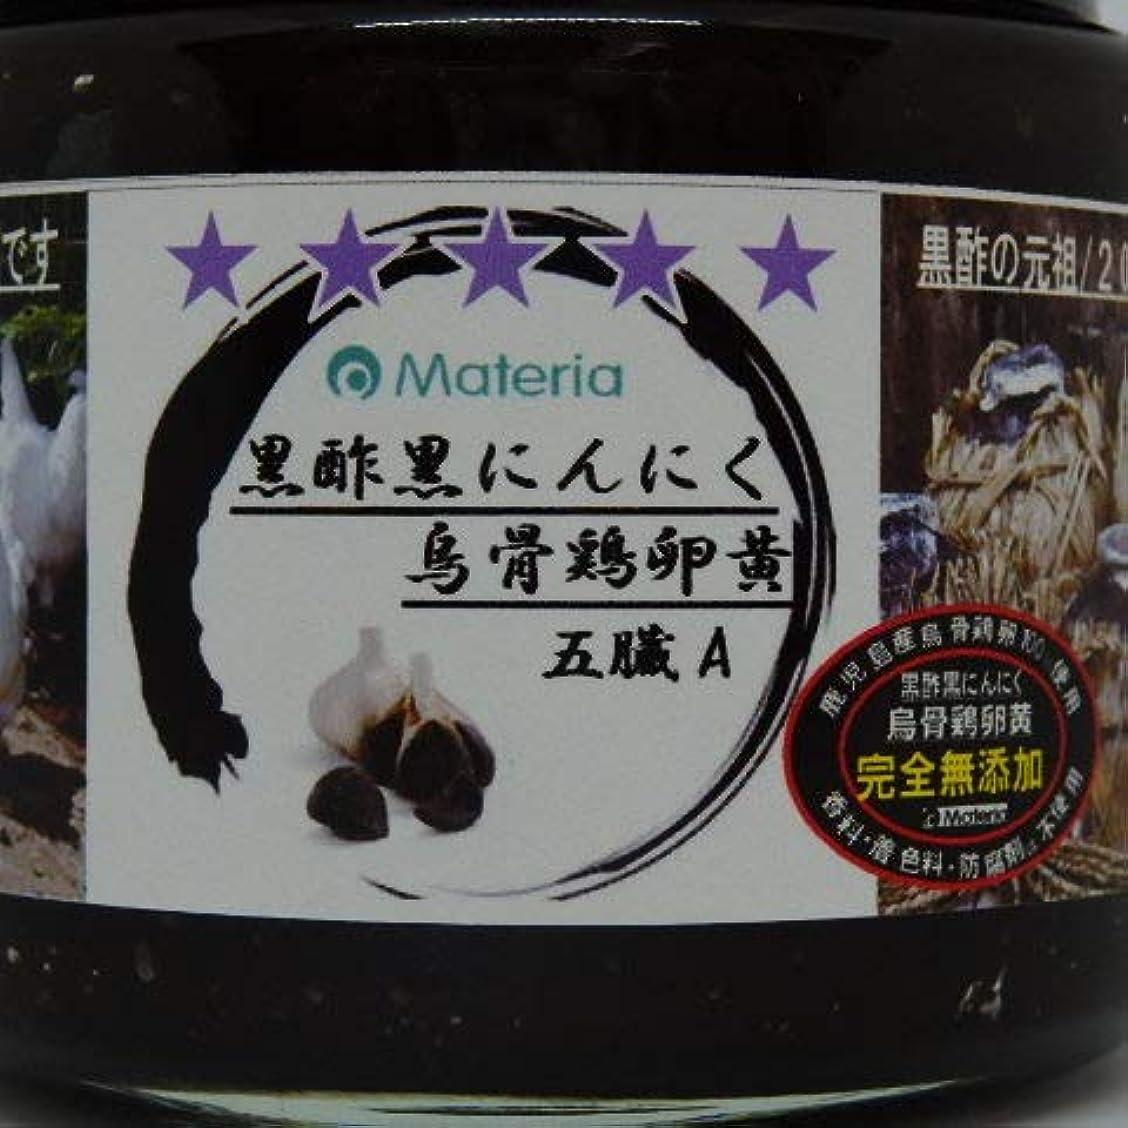 怠なアラバマ動物園無添加健康食品/黒酢黒にんにく烏骨鶏卵黄/五臓系ペ-スト早溶150g(1月分)¥11,600